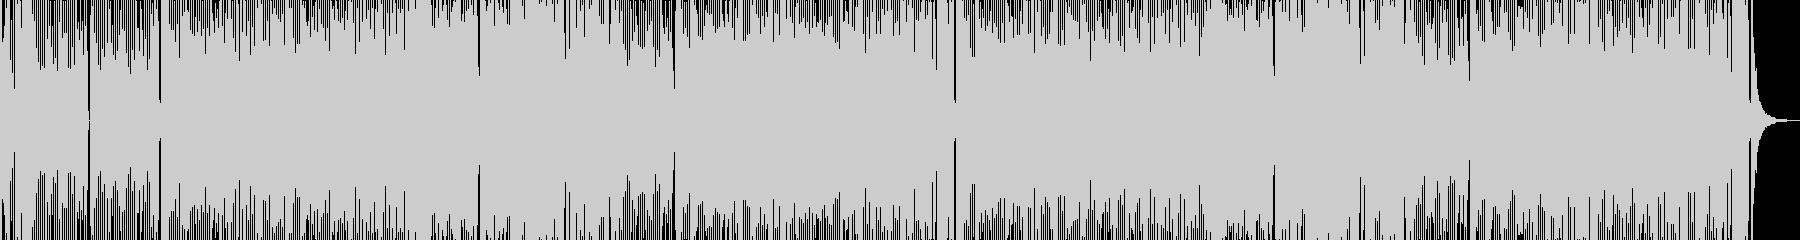 陽気な勝負(ギャグ)の未再生の波形